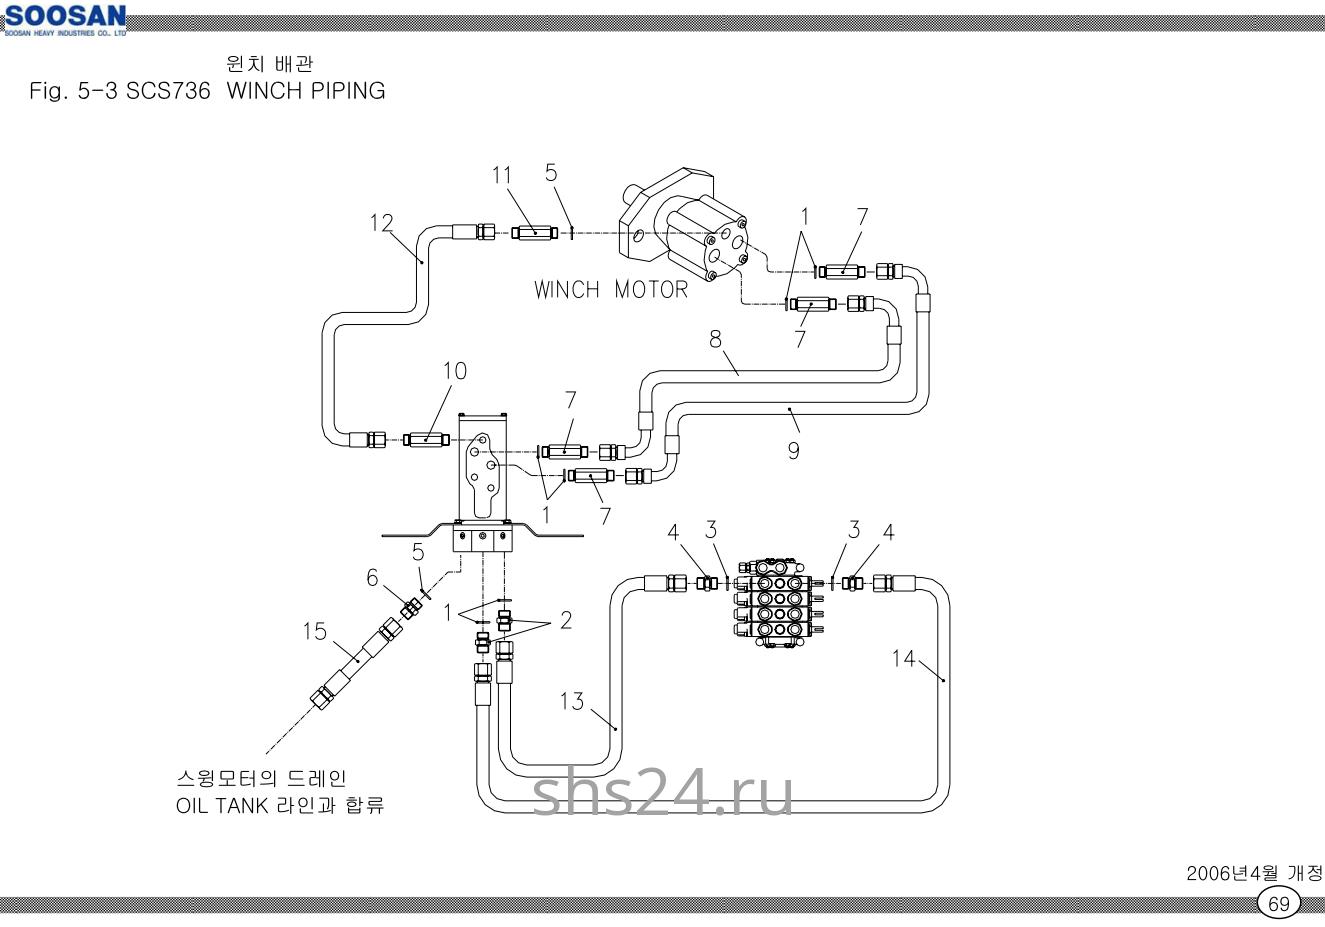 Схема подключения гидромотора лебёдки Soosan SCS 736 STD